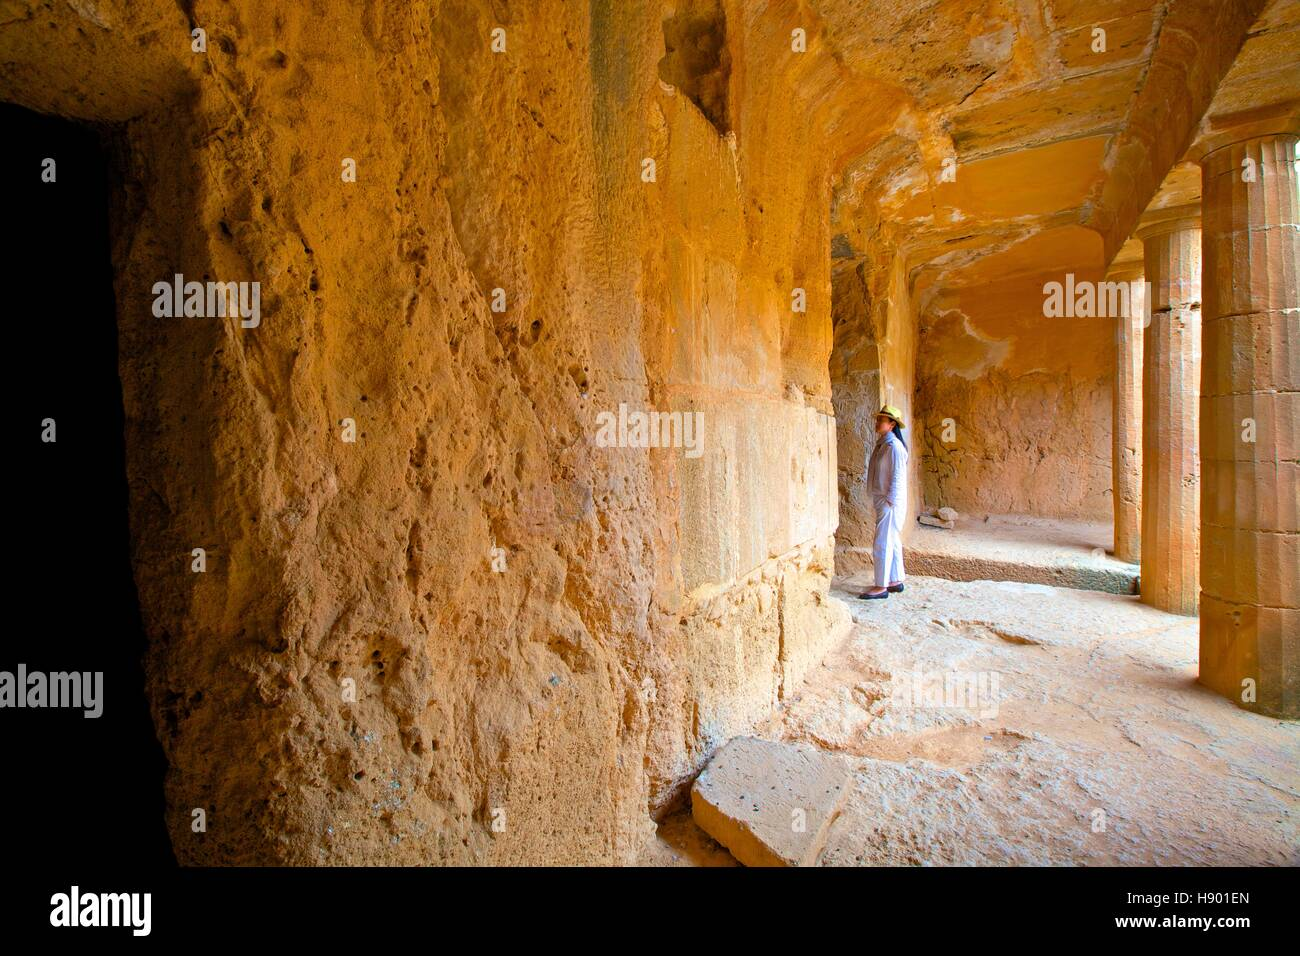 Tombs of the Kings, Paphos, Cyprus, Eastern Mediterranean Sea - Stock Image